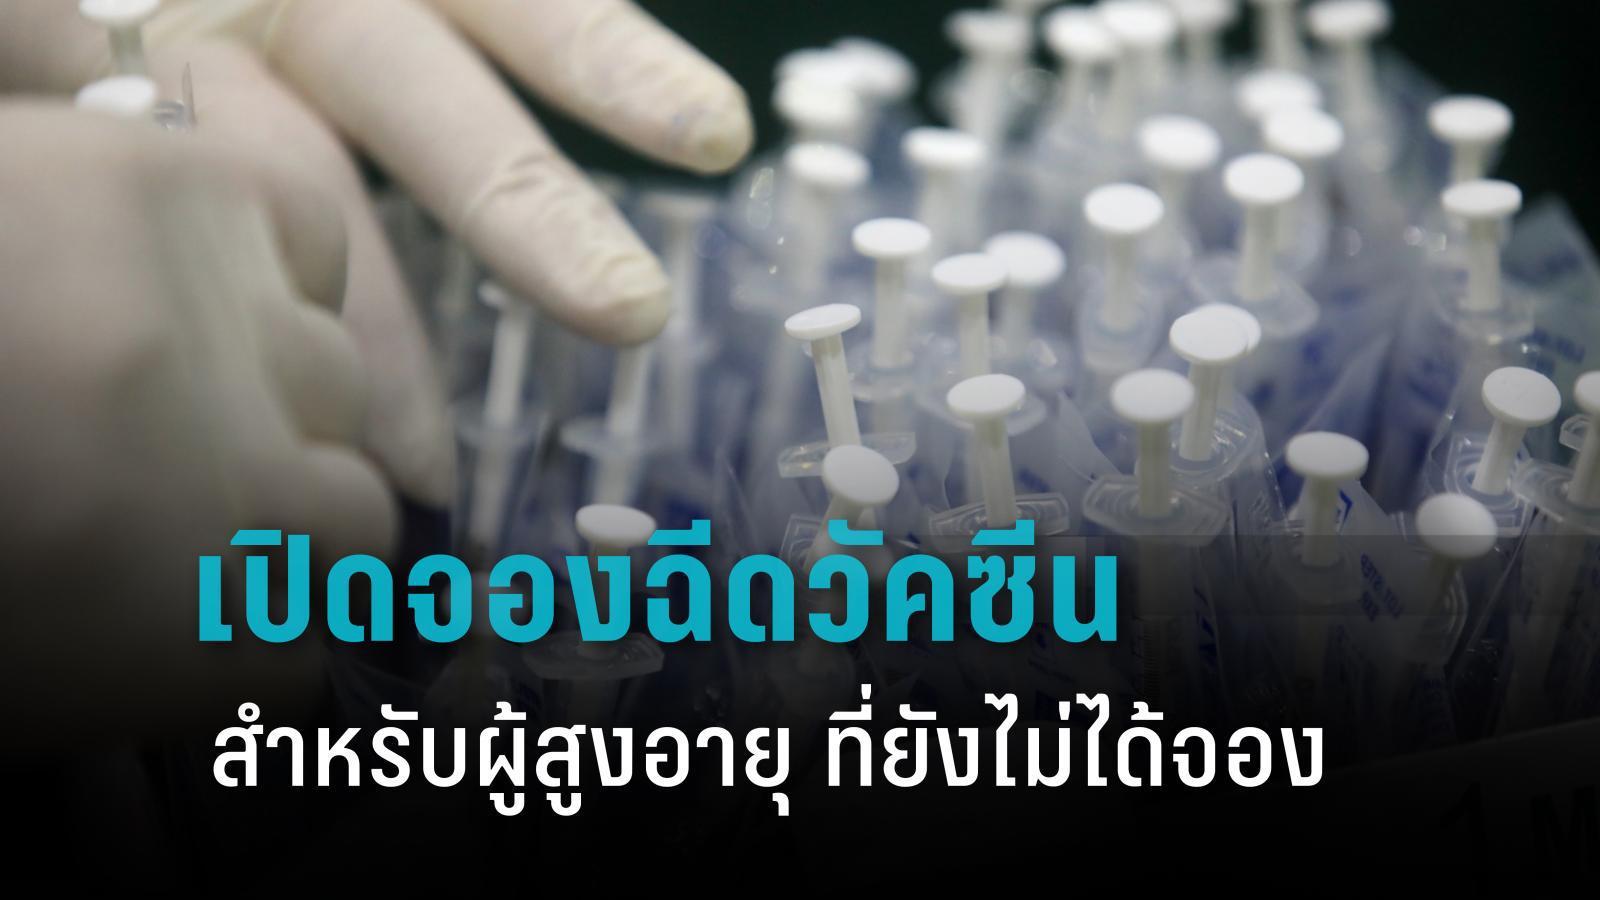 ผู้สูงอายุ จองฉีดวัคซีนโควิด ได้ที่รพ.กว่า 100 แห่ง ทั่วกรุงเทพฯ